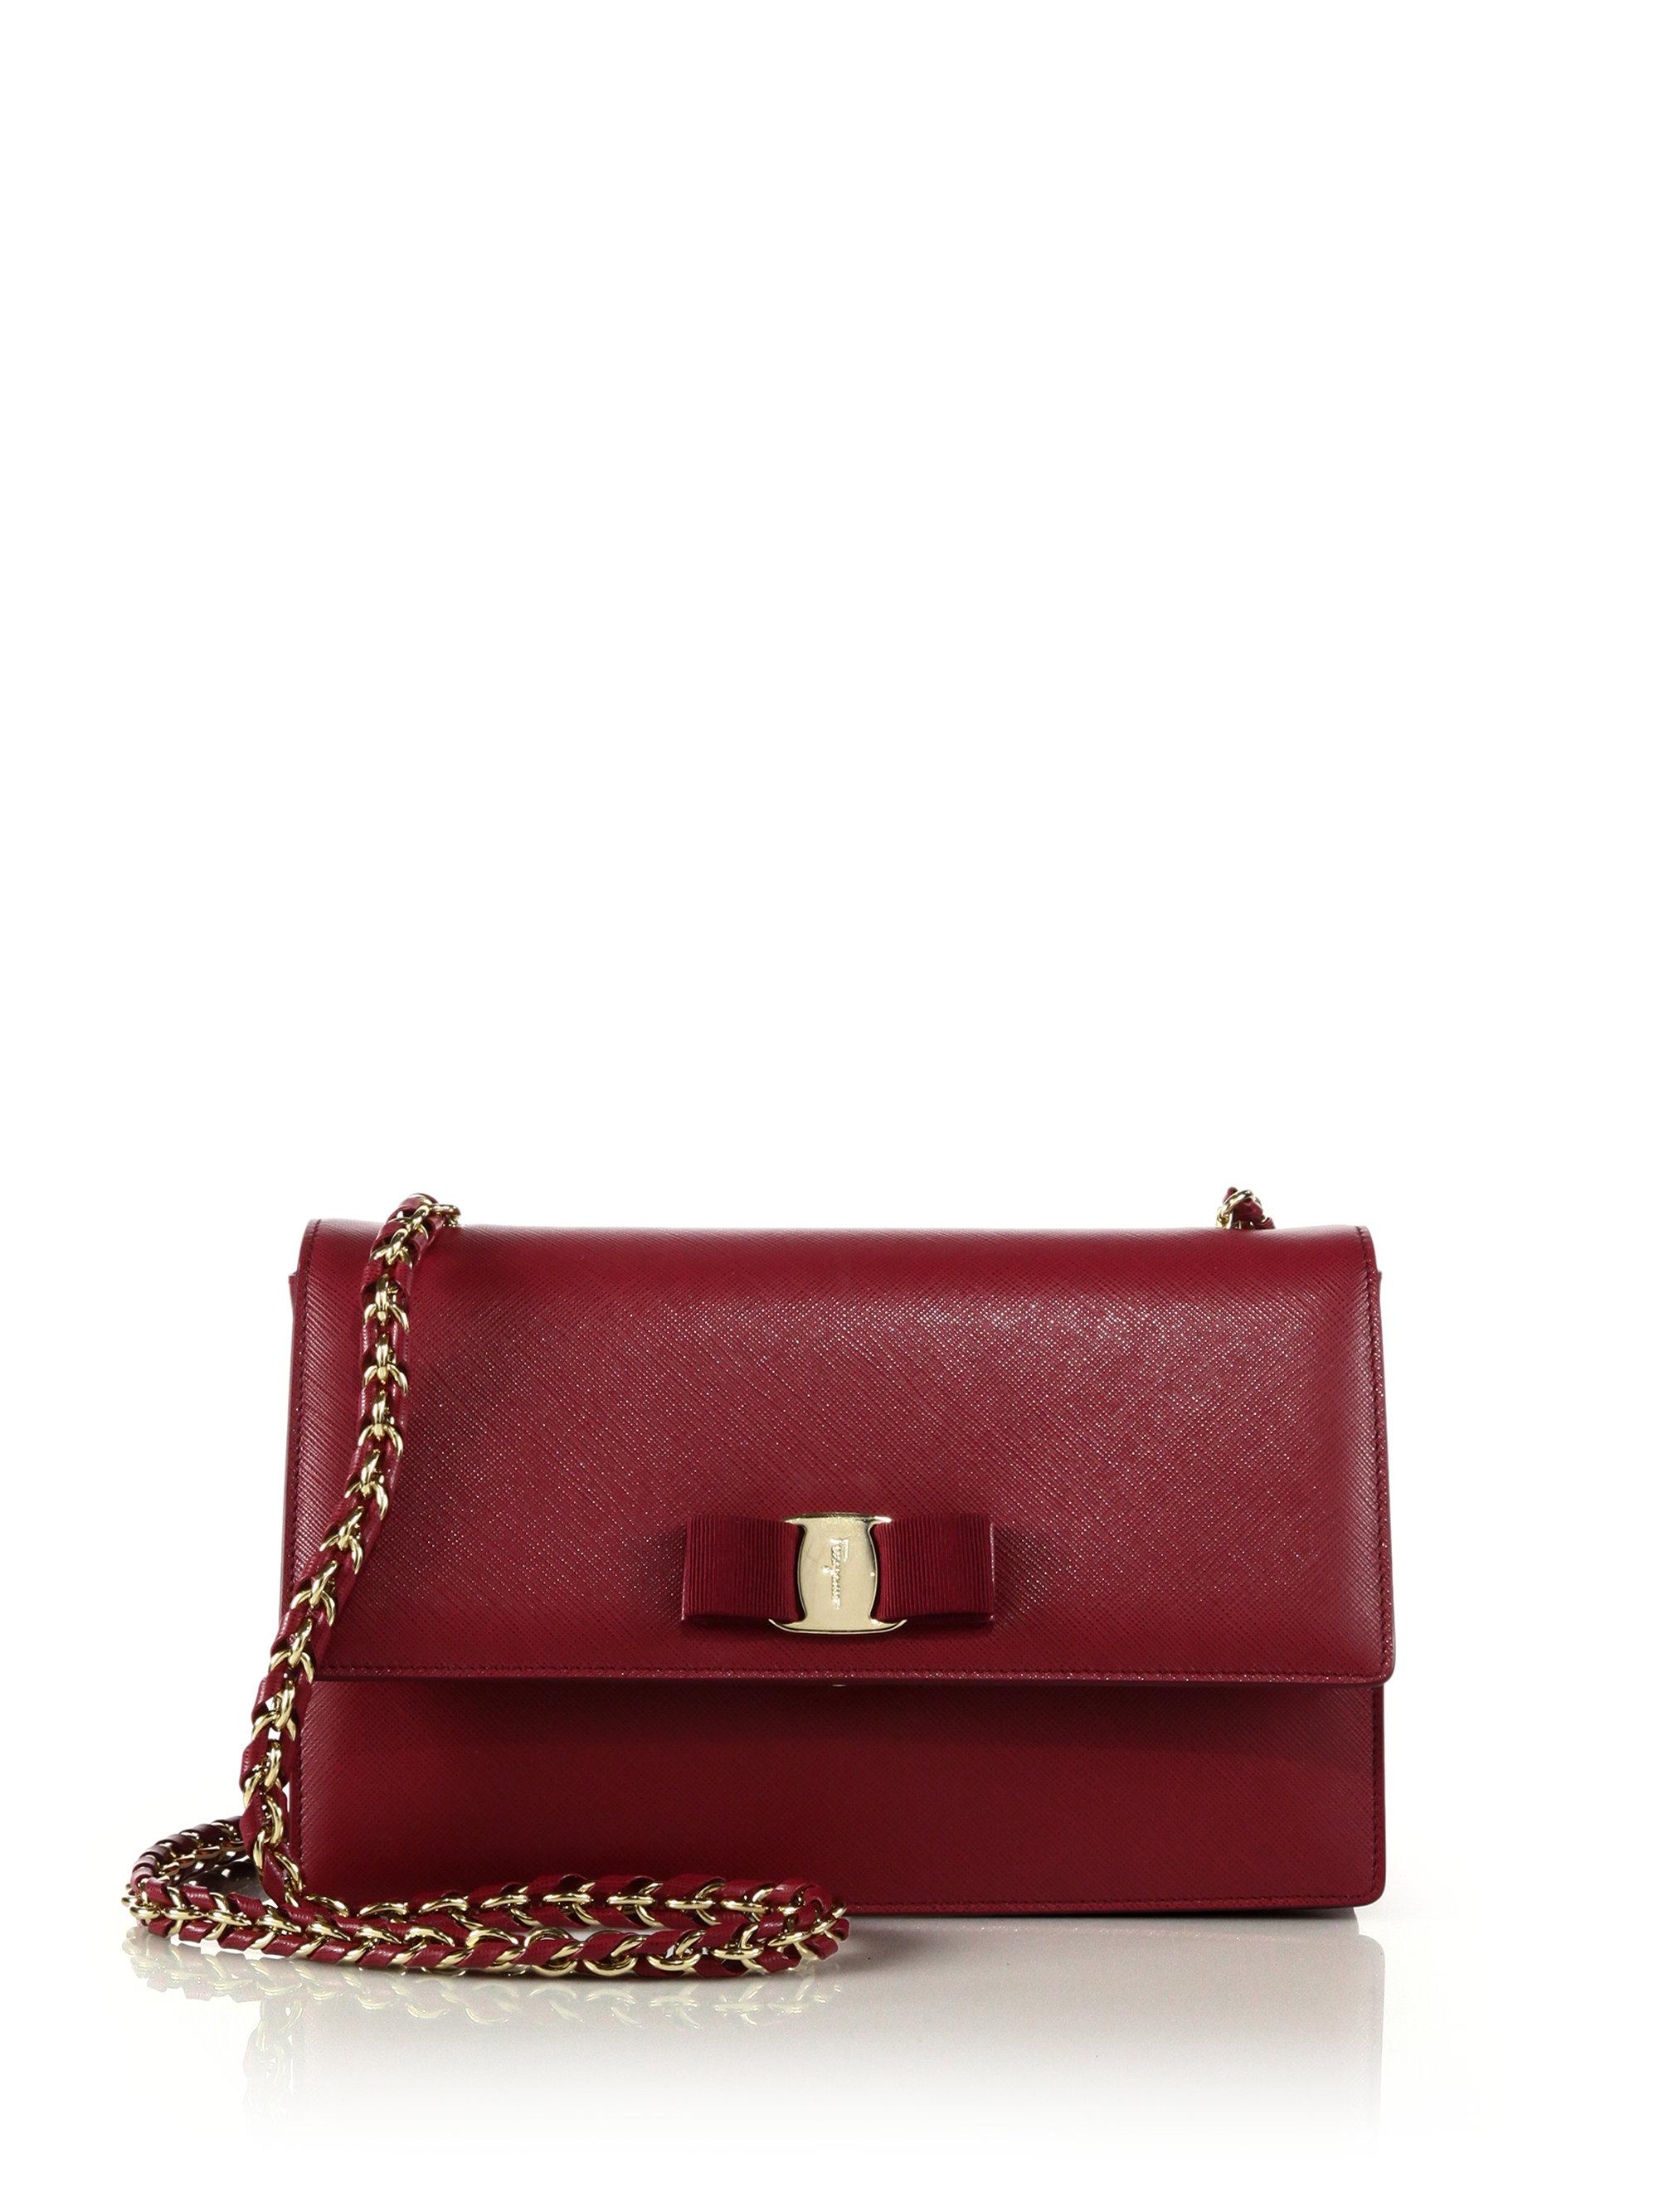 Lyst - Ferragamo Vara Ginny Saffiano Leather Crossbody Bag in Red 8b25f57f8896c